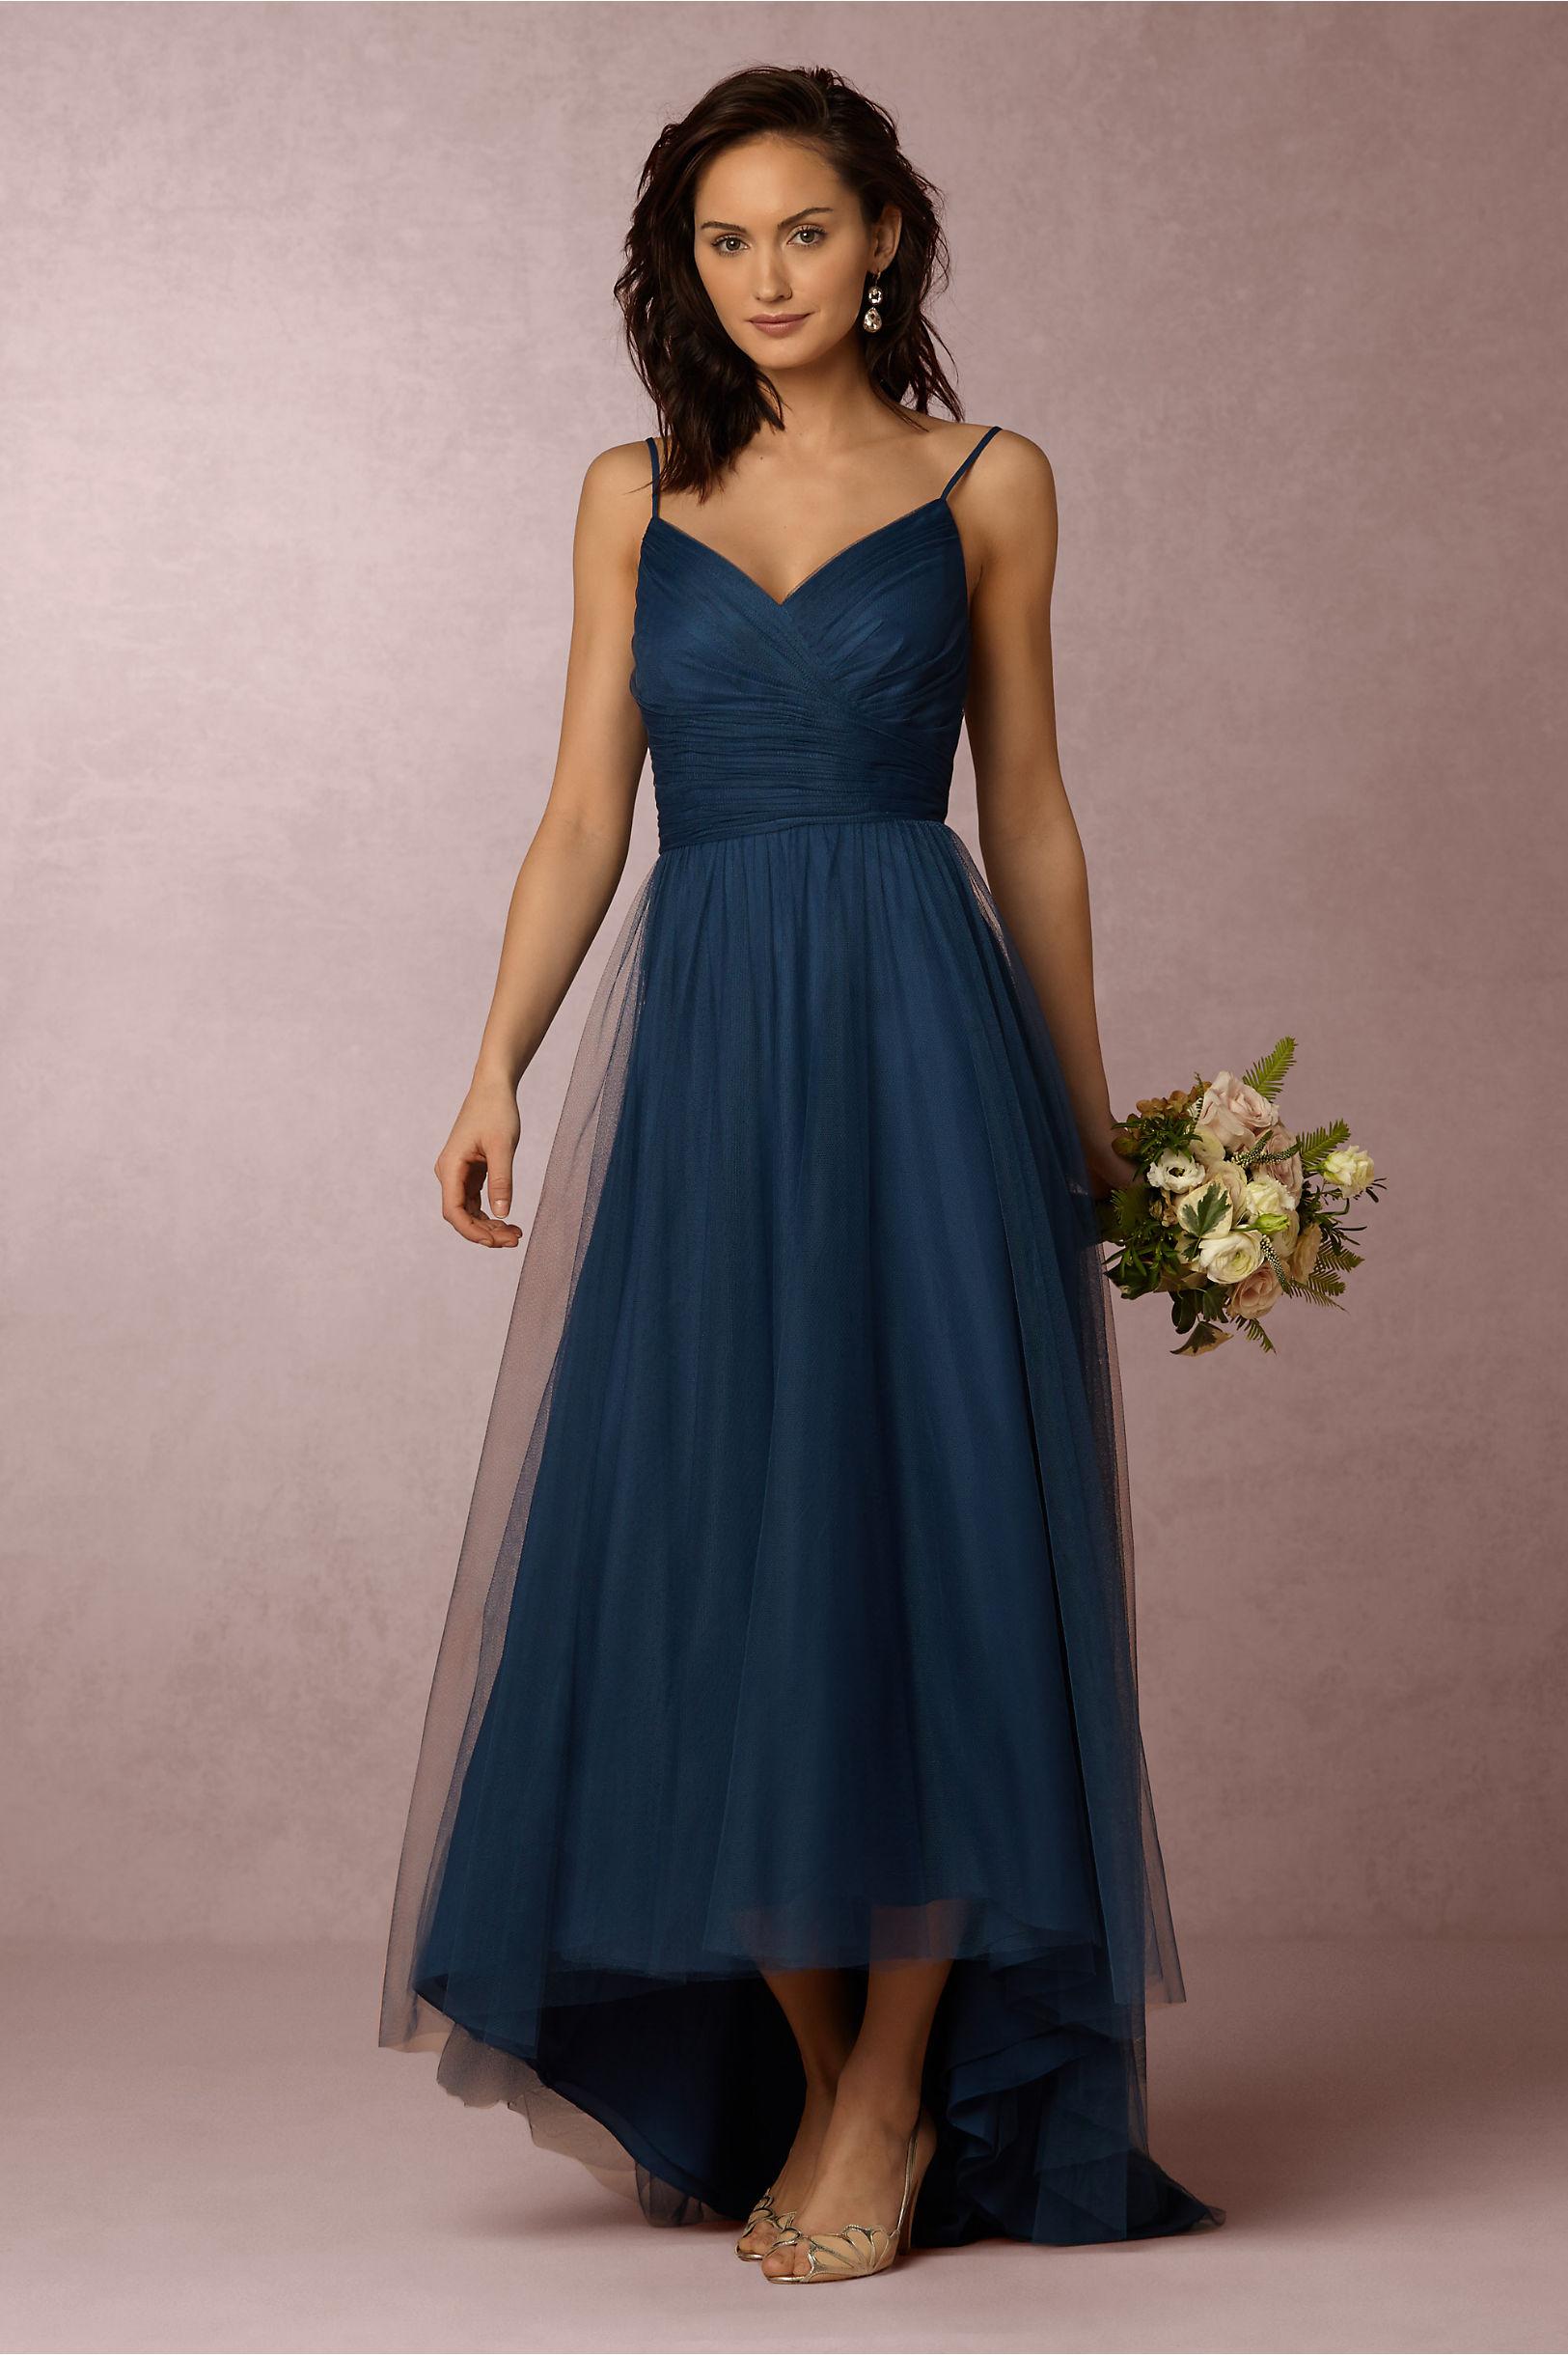 Brinkley Dress in Sale Dresses | BHLDN